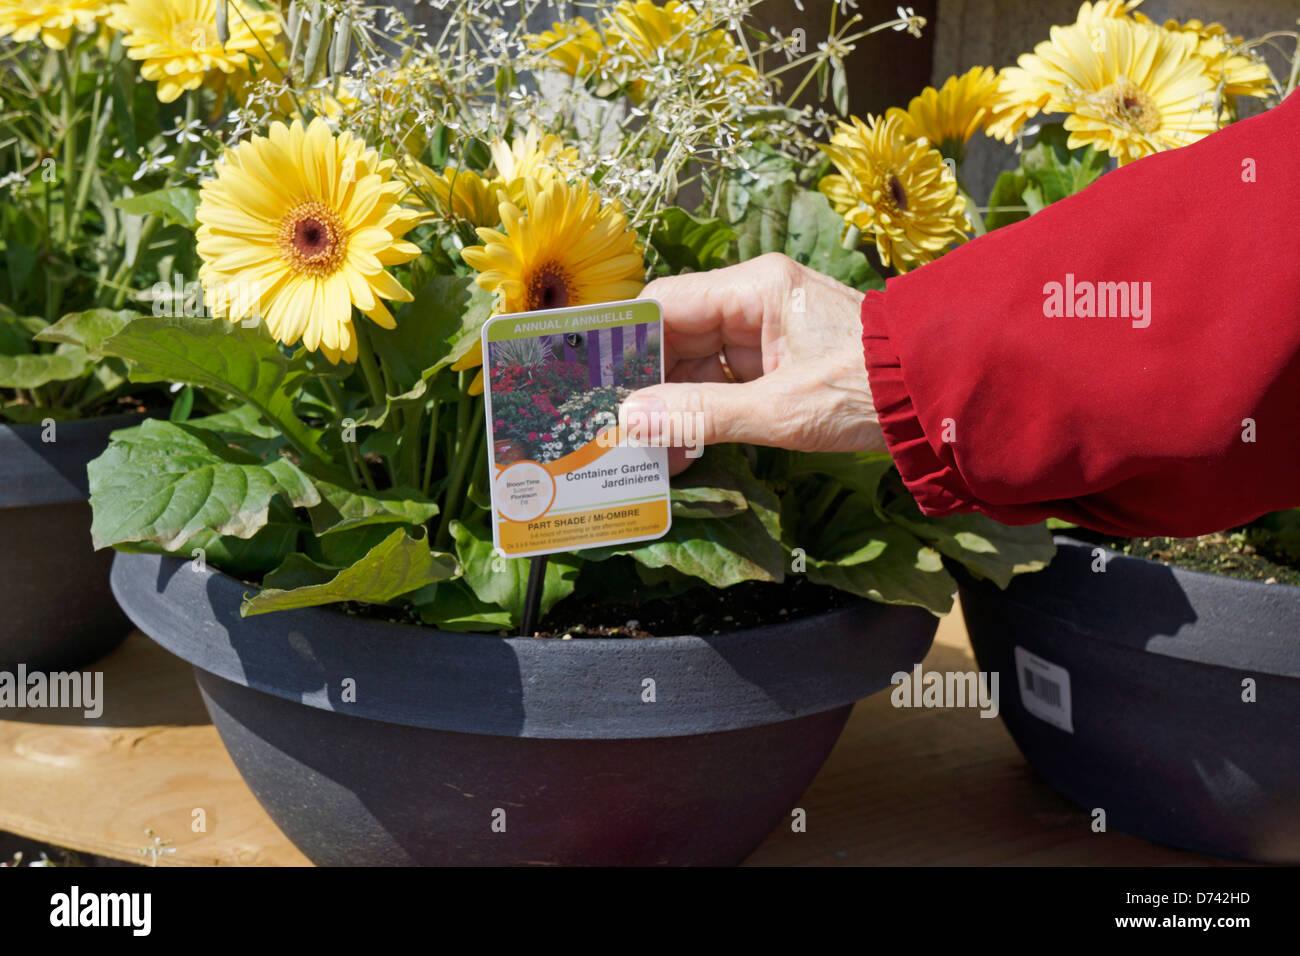 Attraktiv Gartencenter Blumen Topf Pflanzen Closeup, Gerbera